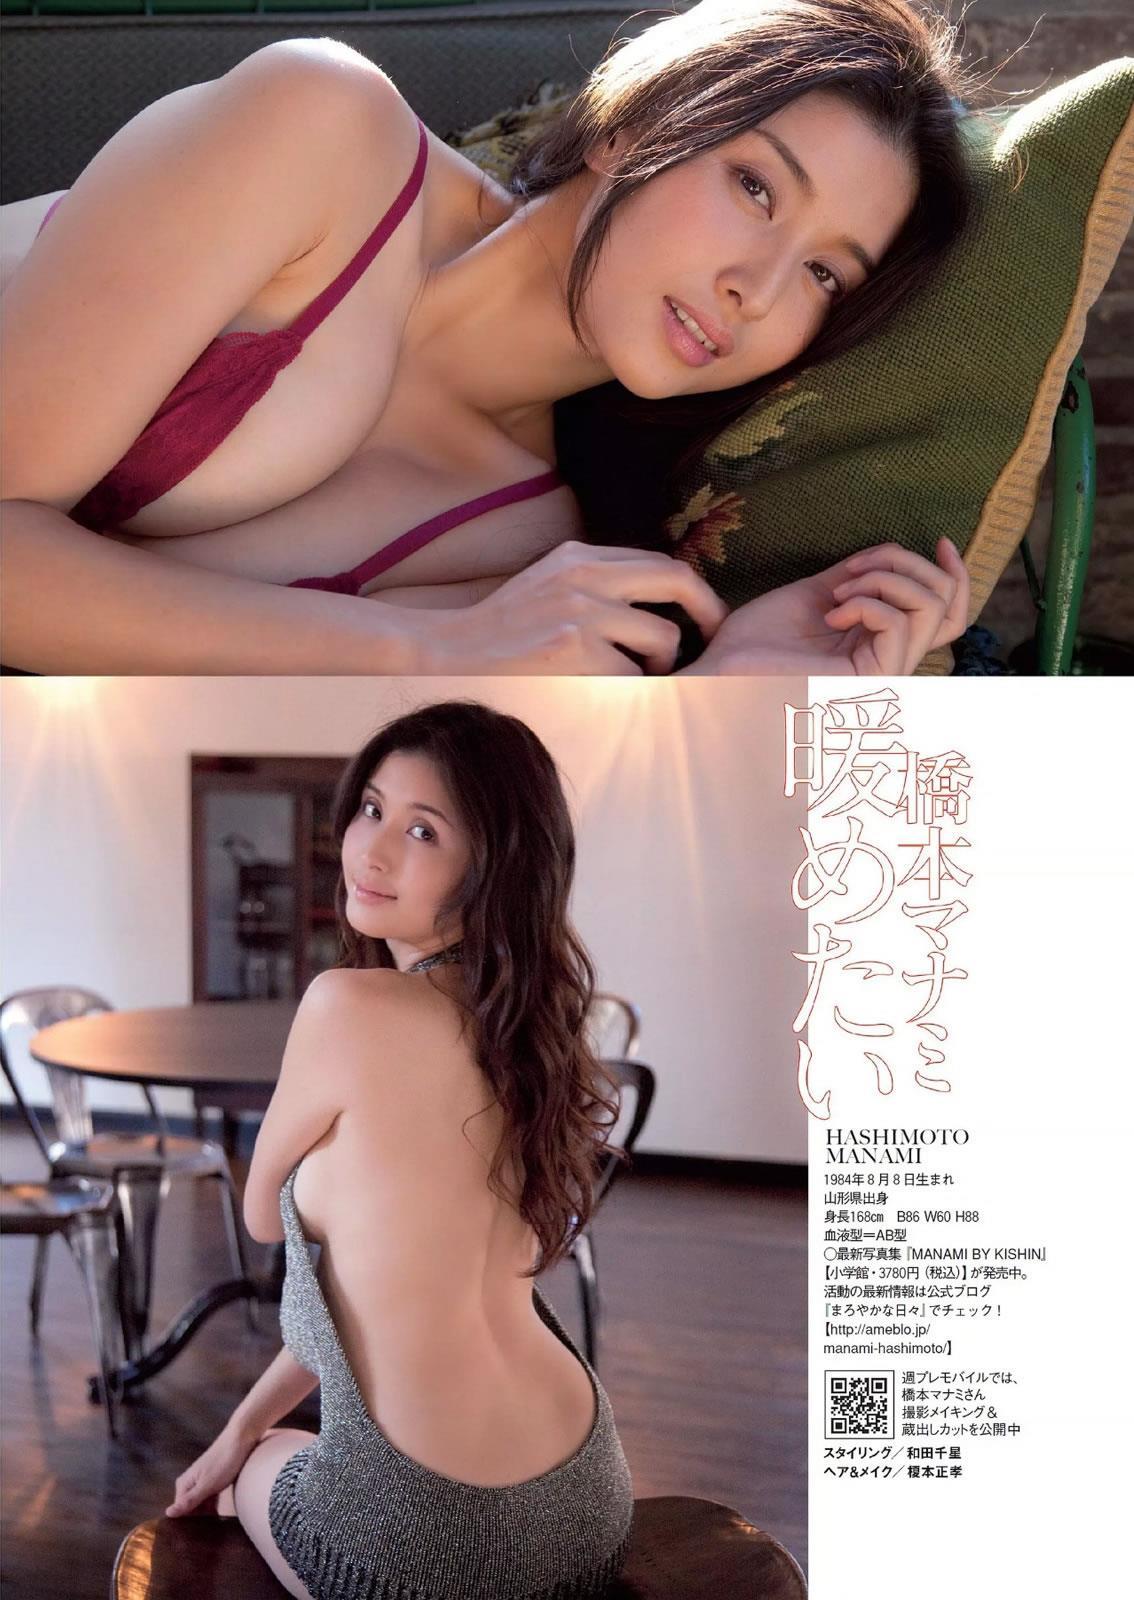 橋本マナミ 過激グラビア画像 102